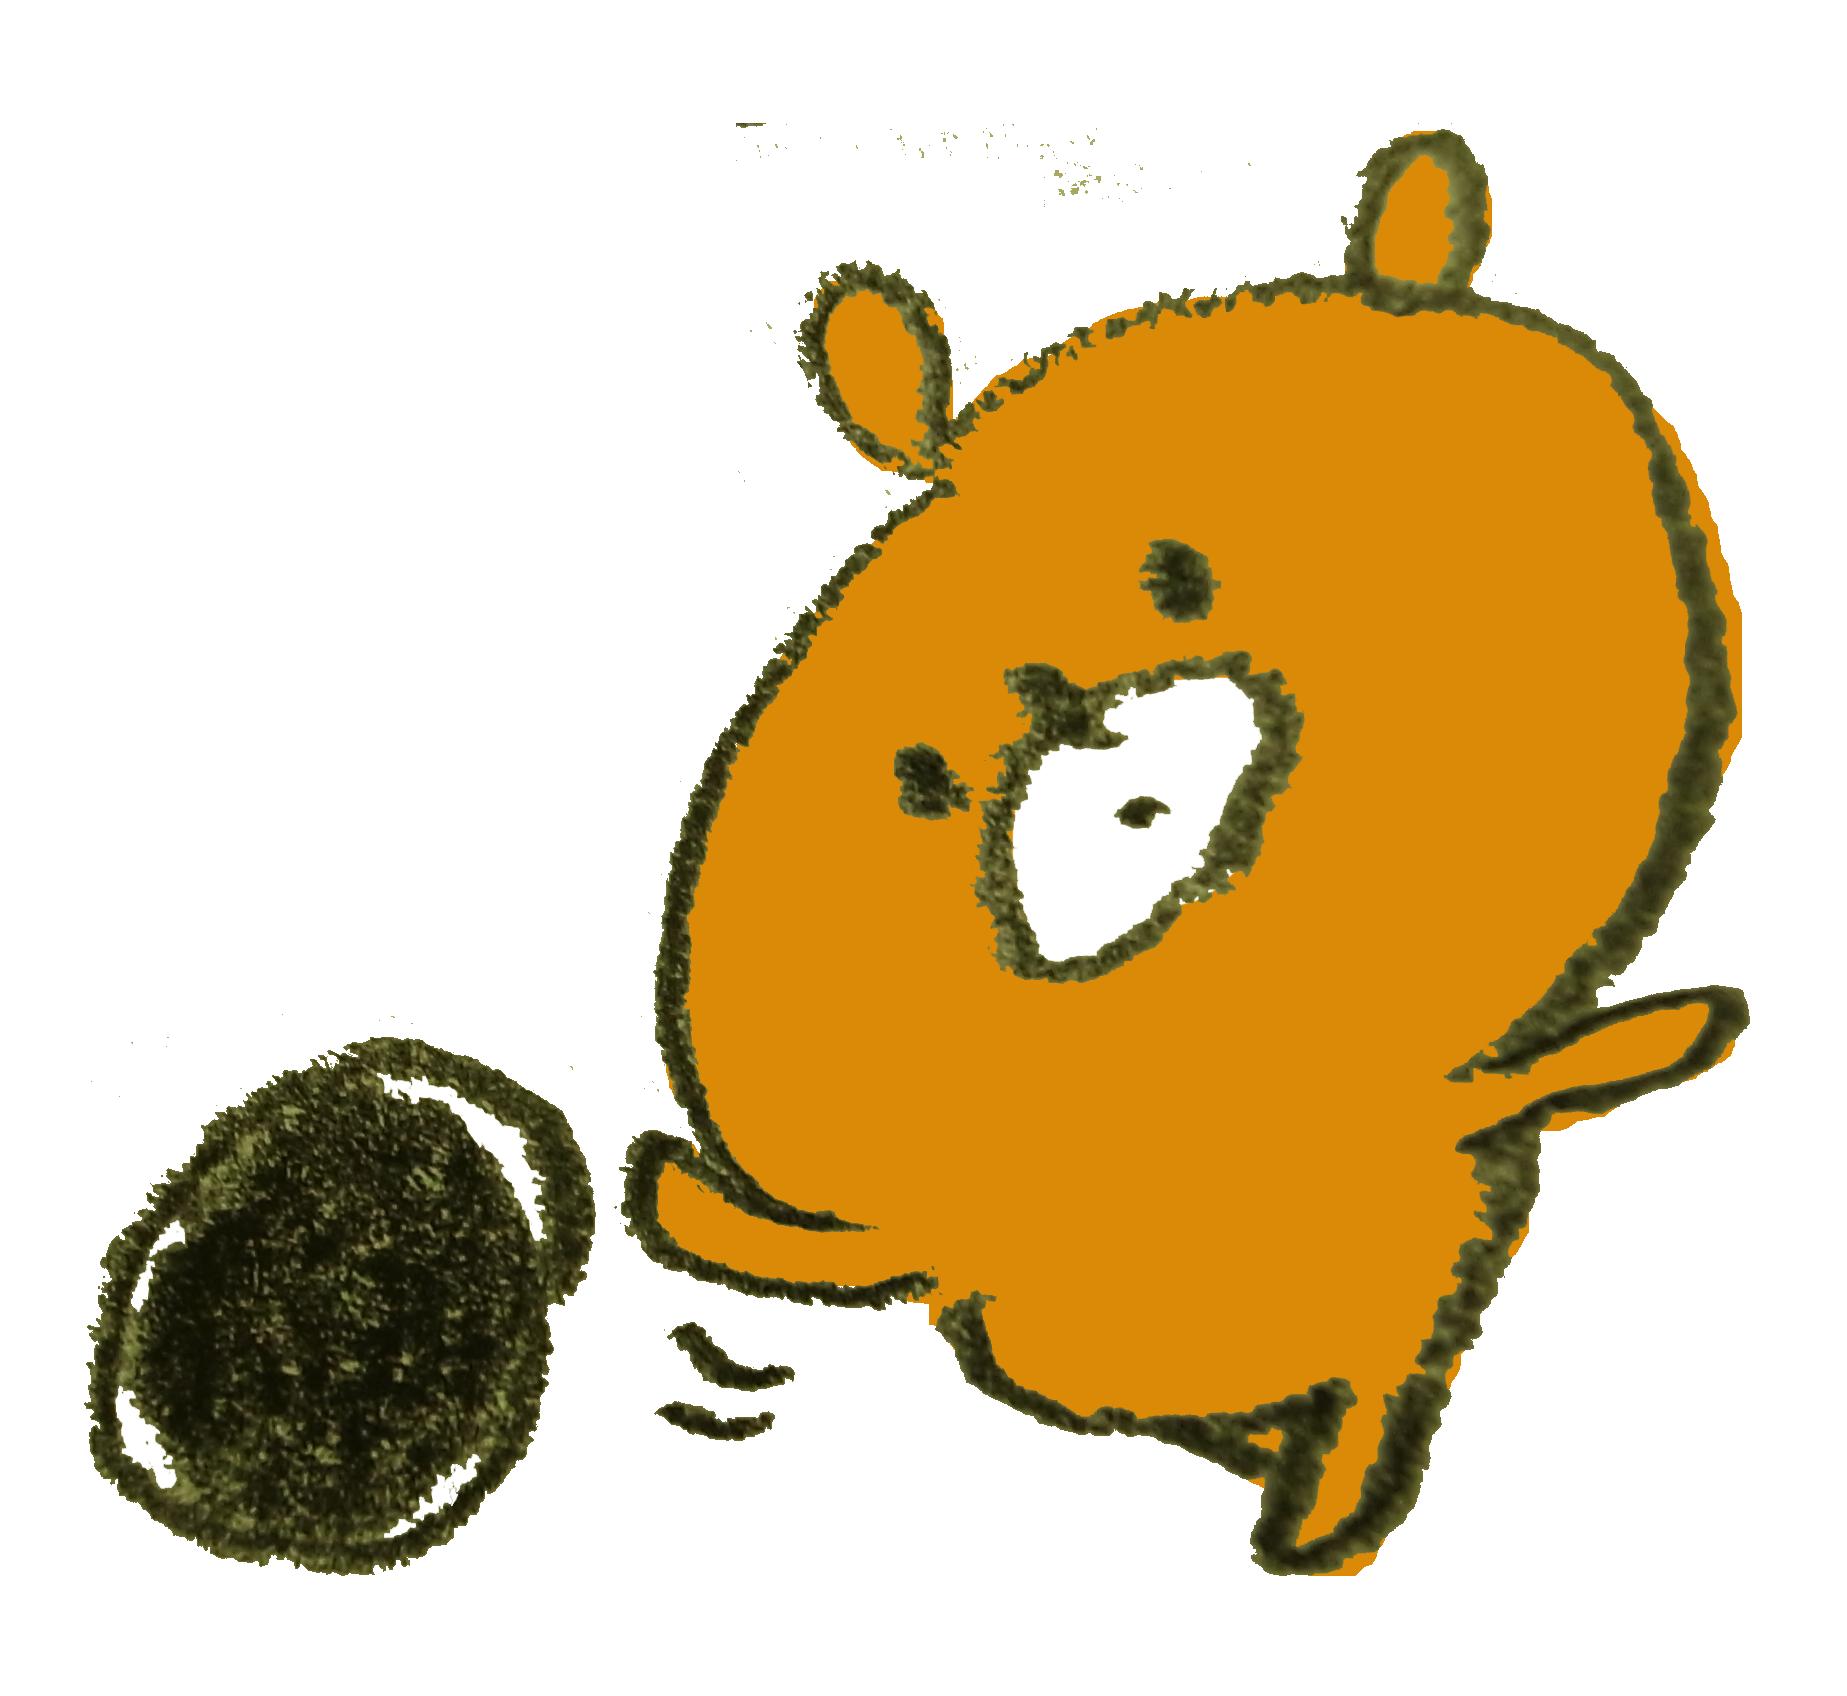 ボーリングの球を転がす熊